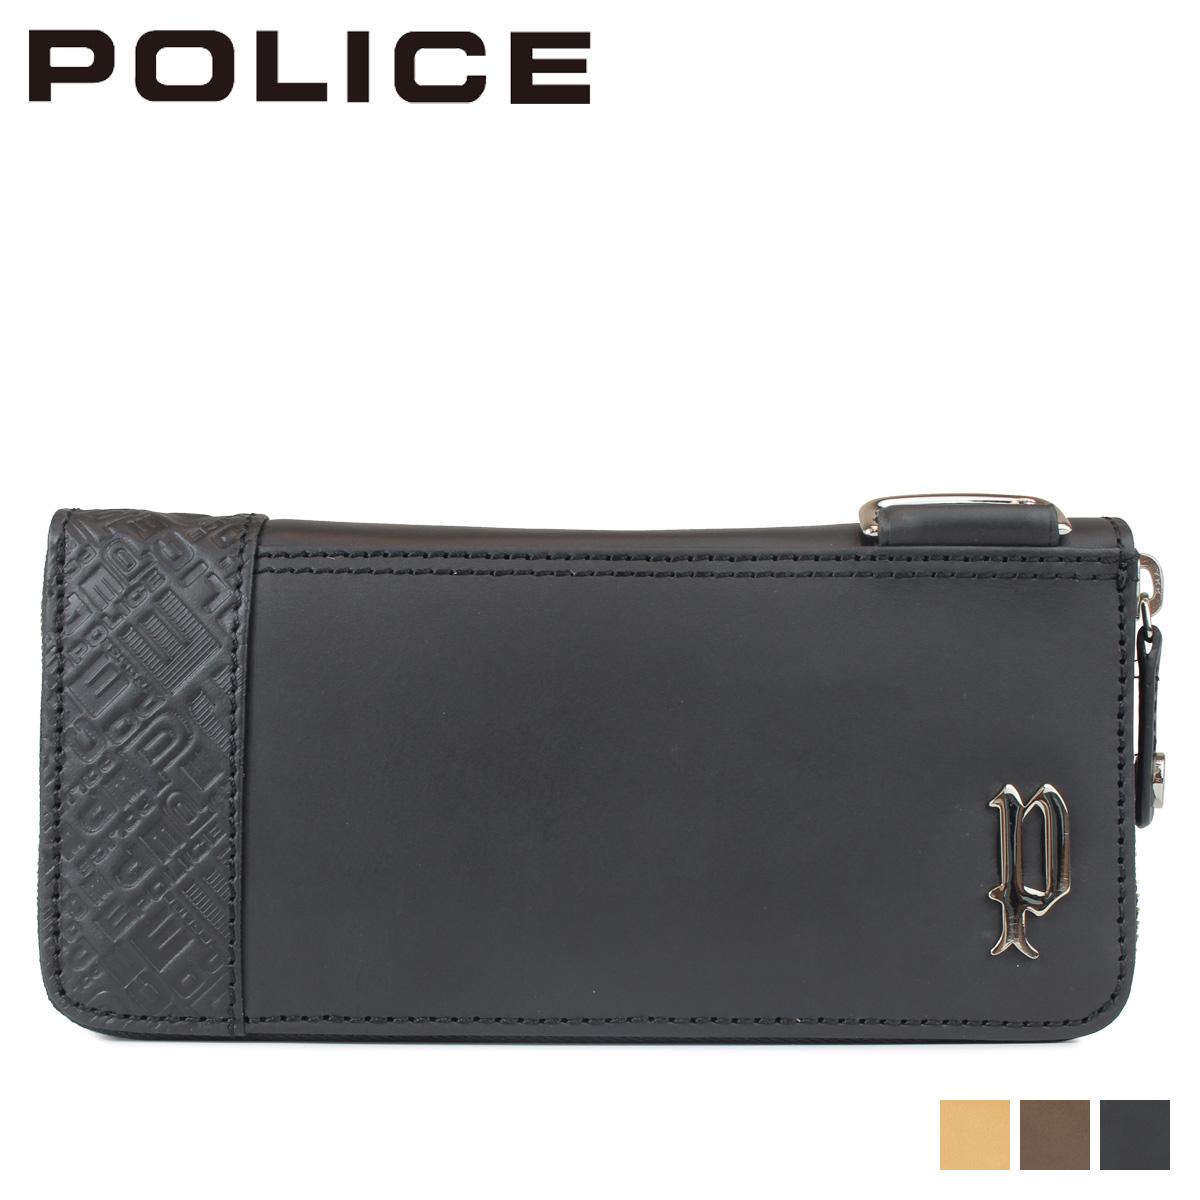 POLICE CIRCUIT ROUND WALLET ポリス 財布 長財布 メンズ ラウンドファスナー レザー ブラック グレー キャメル 黒 PA-6104